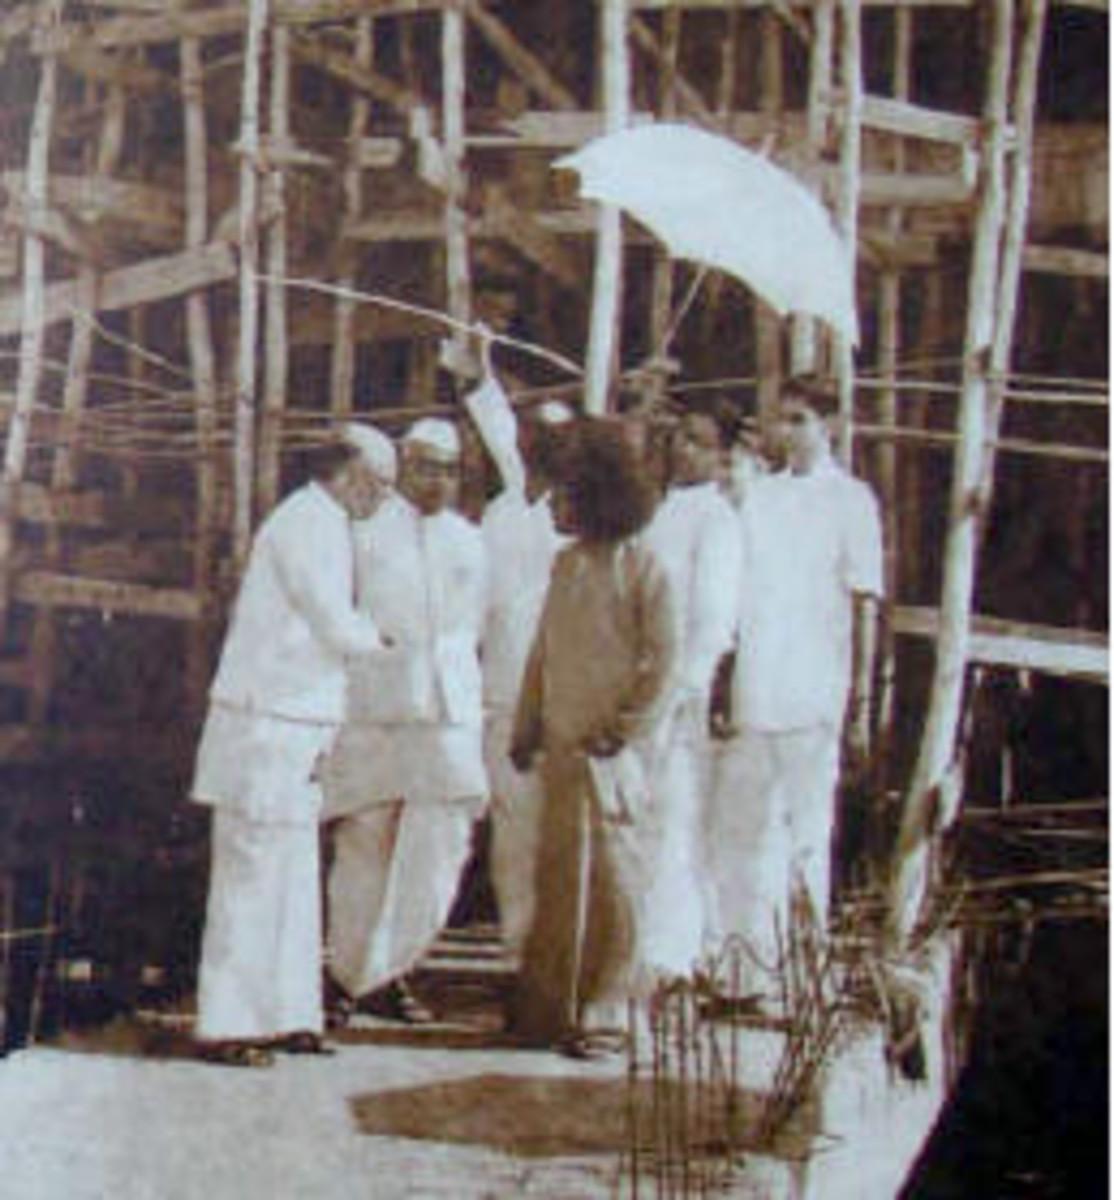 Supervisión de las obras de construcción pasando en Dharmakshetra (o Satyam como se le llama).